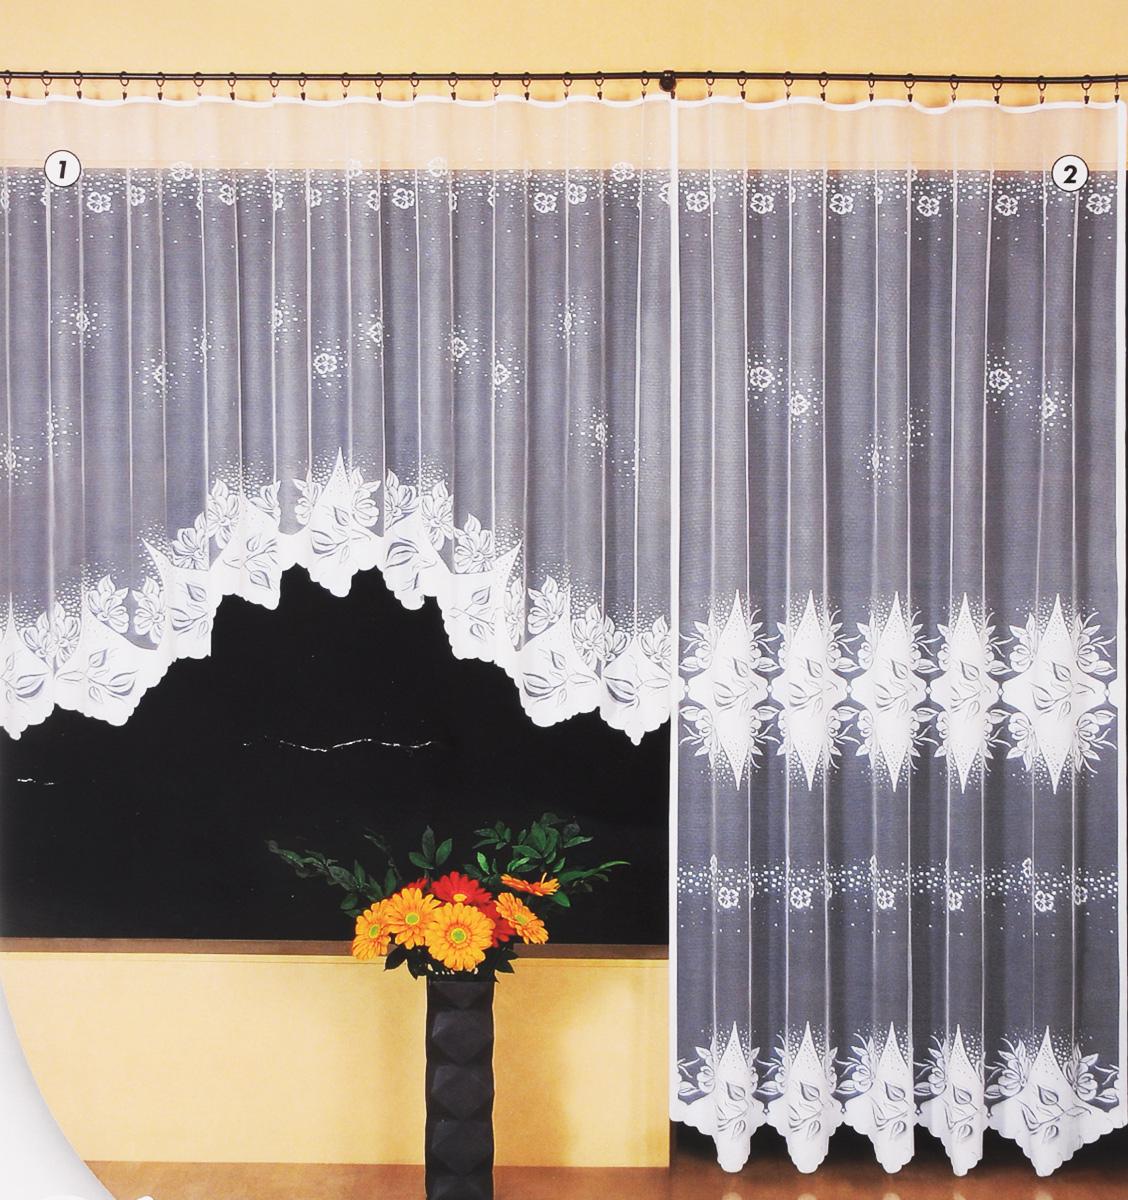 Гардина Wisan Katarzyna, цвет: белый, высота 250 см. 94829482Гардина Wisan Katarzyna, изготовленная из полиэстера, станет великолепным украшением любого окна. Изделие, оформленное цветочным рисунком, привлечет к себе внимание и органично впишется в интерьер комнаты. Оригинальное оформление гардины внесет разнообразие и подарит заряд положительного настроения.Гардина крепится при помощи зажимов для штор (не входят в комплект).